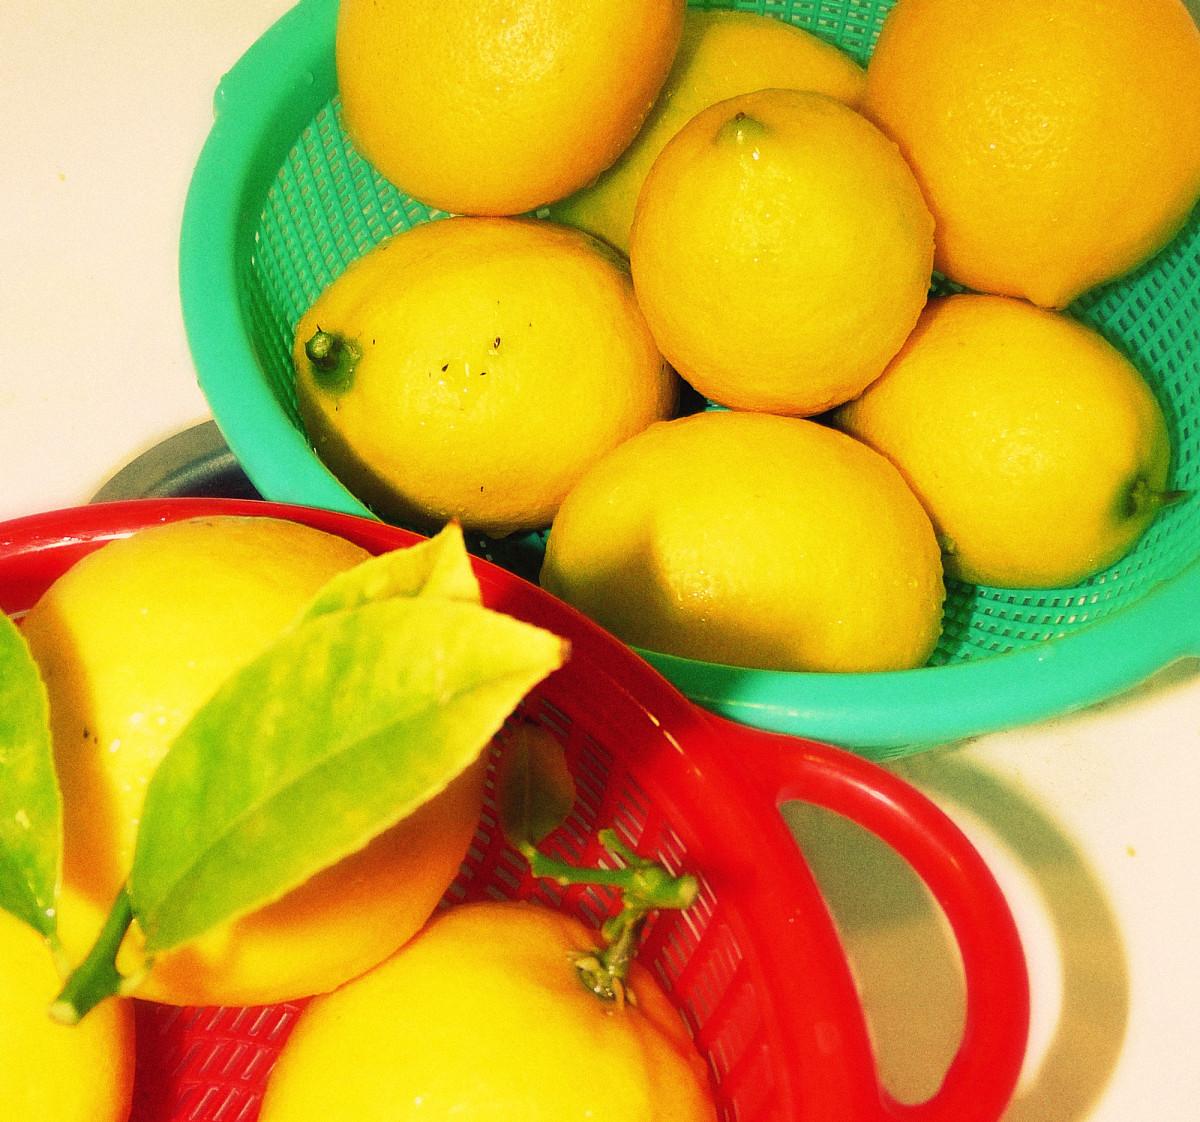 Healthy, freshly picked lemons